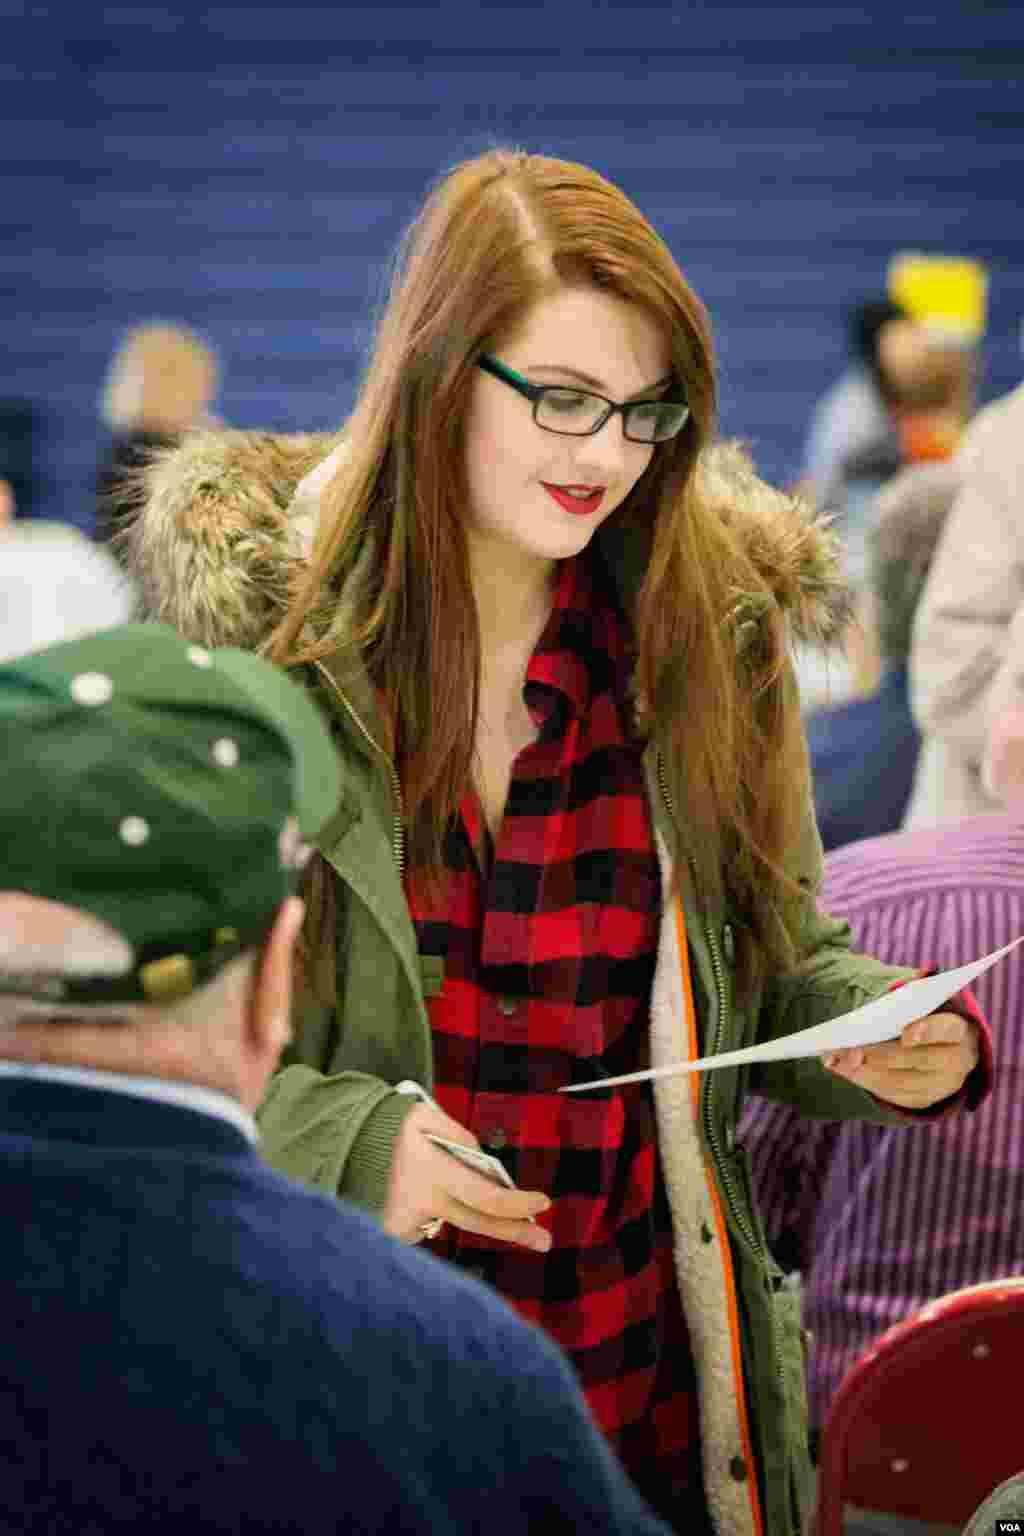 新罕布什尔州伦敦德里市的一个投票站内领取表格的选民。(美国之音记者方正拍摄)